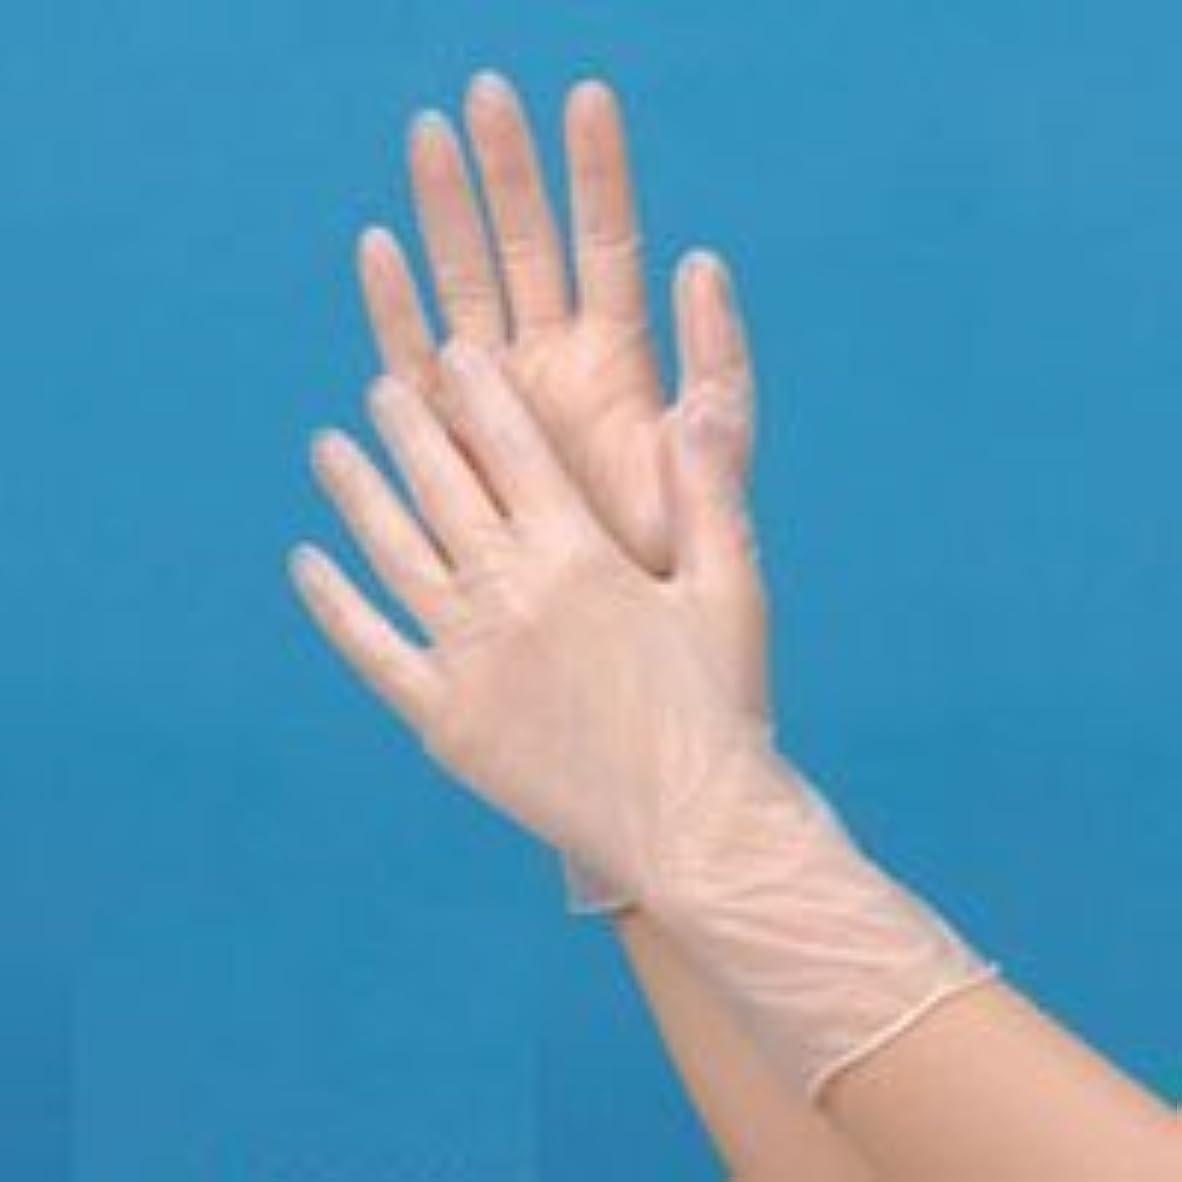 テメリティプロフェッショナル解決プラスチック手袋ハイクリーン(パウダーフリー)M 100枚【食品対応】